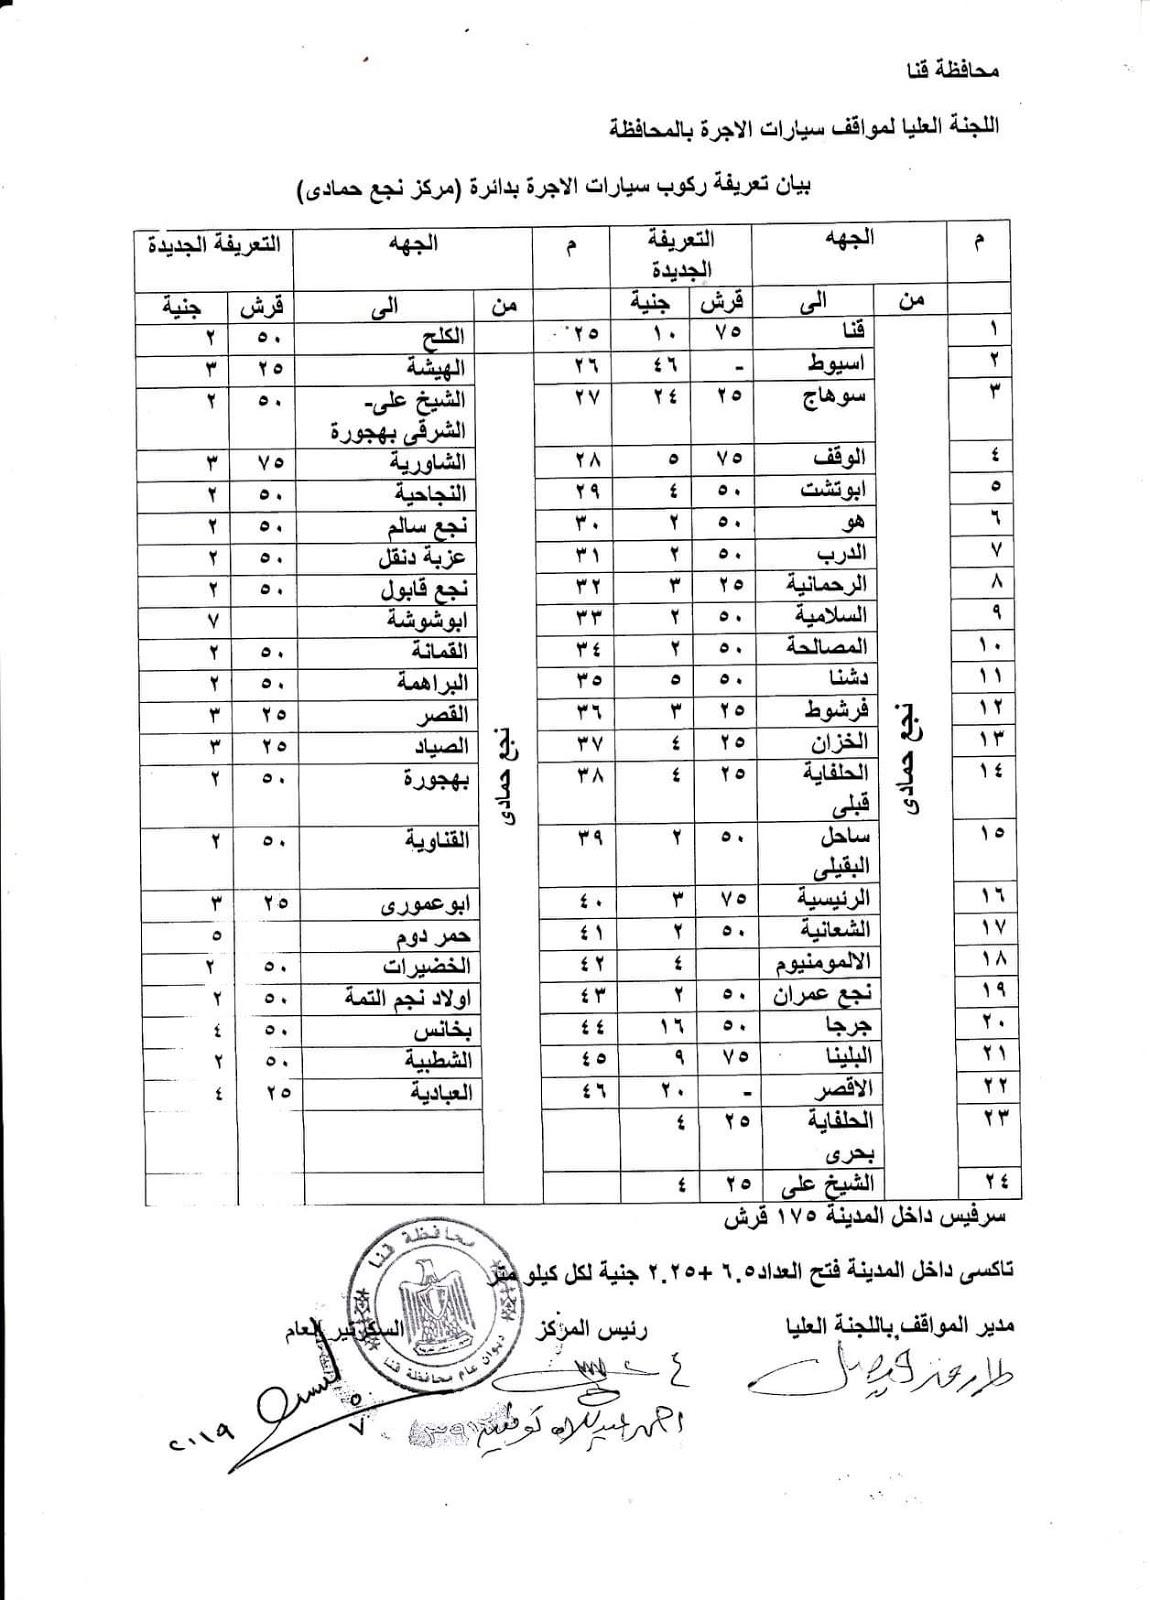 ننشر التعريفه الجديده للمواصلات داخل وبين المدن المصرية بعد زياده اسعار الوقود بجميع المحافظات FB_IMG_1562341646589